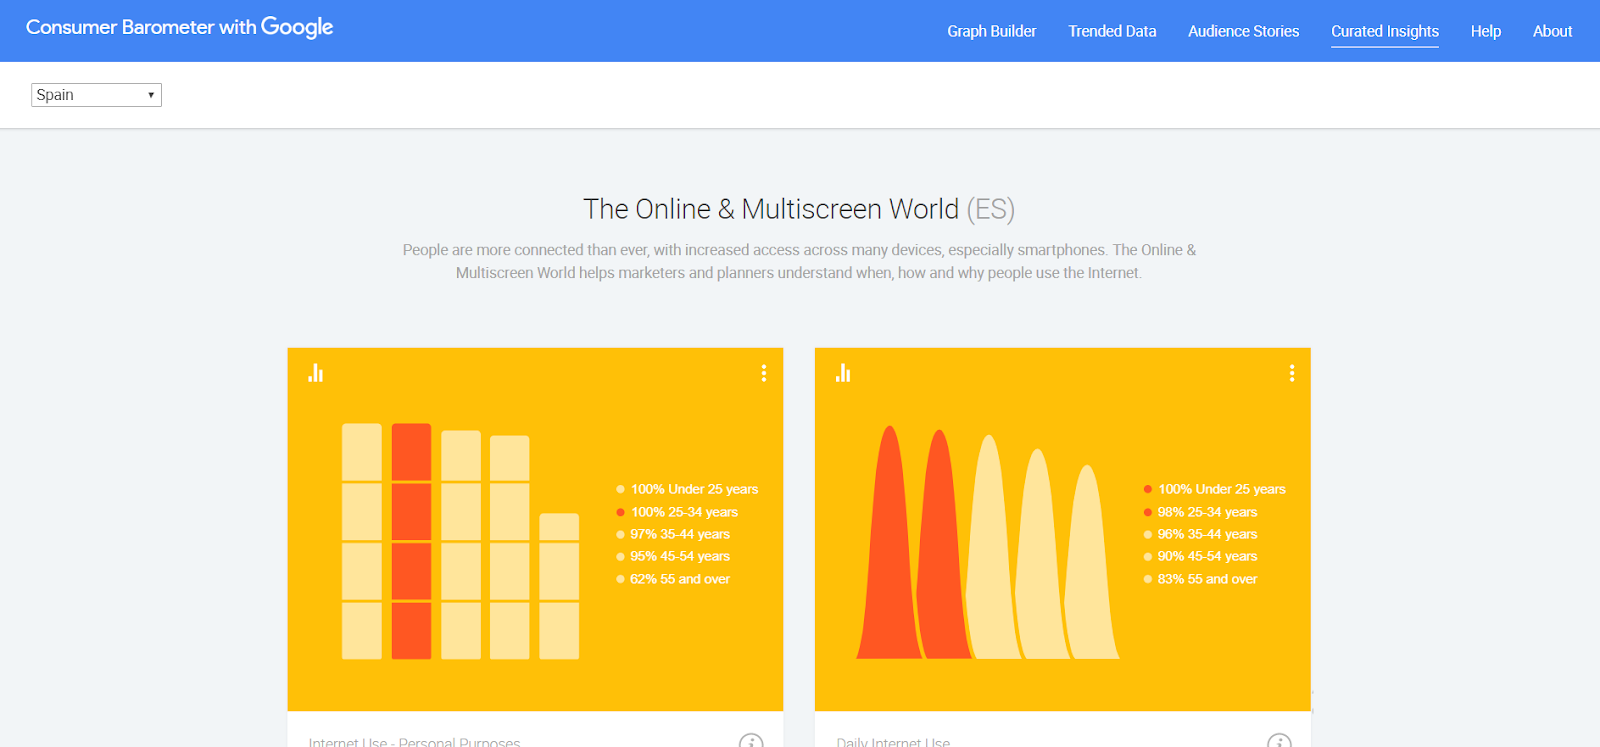 Posicionamiento de herramientas SEO Barómetro internacional de Google